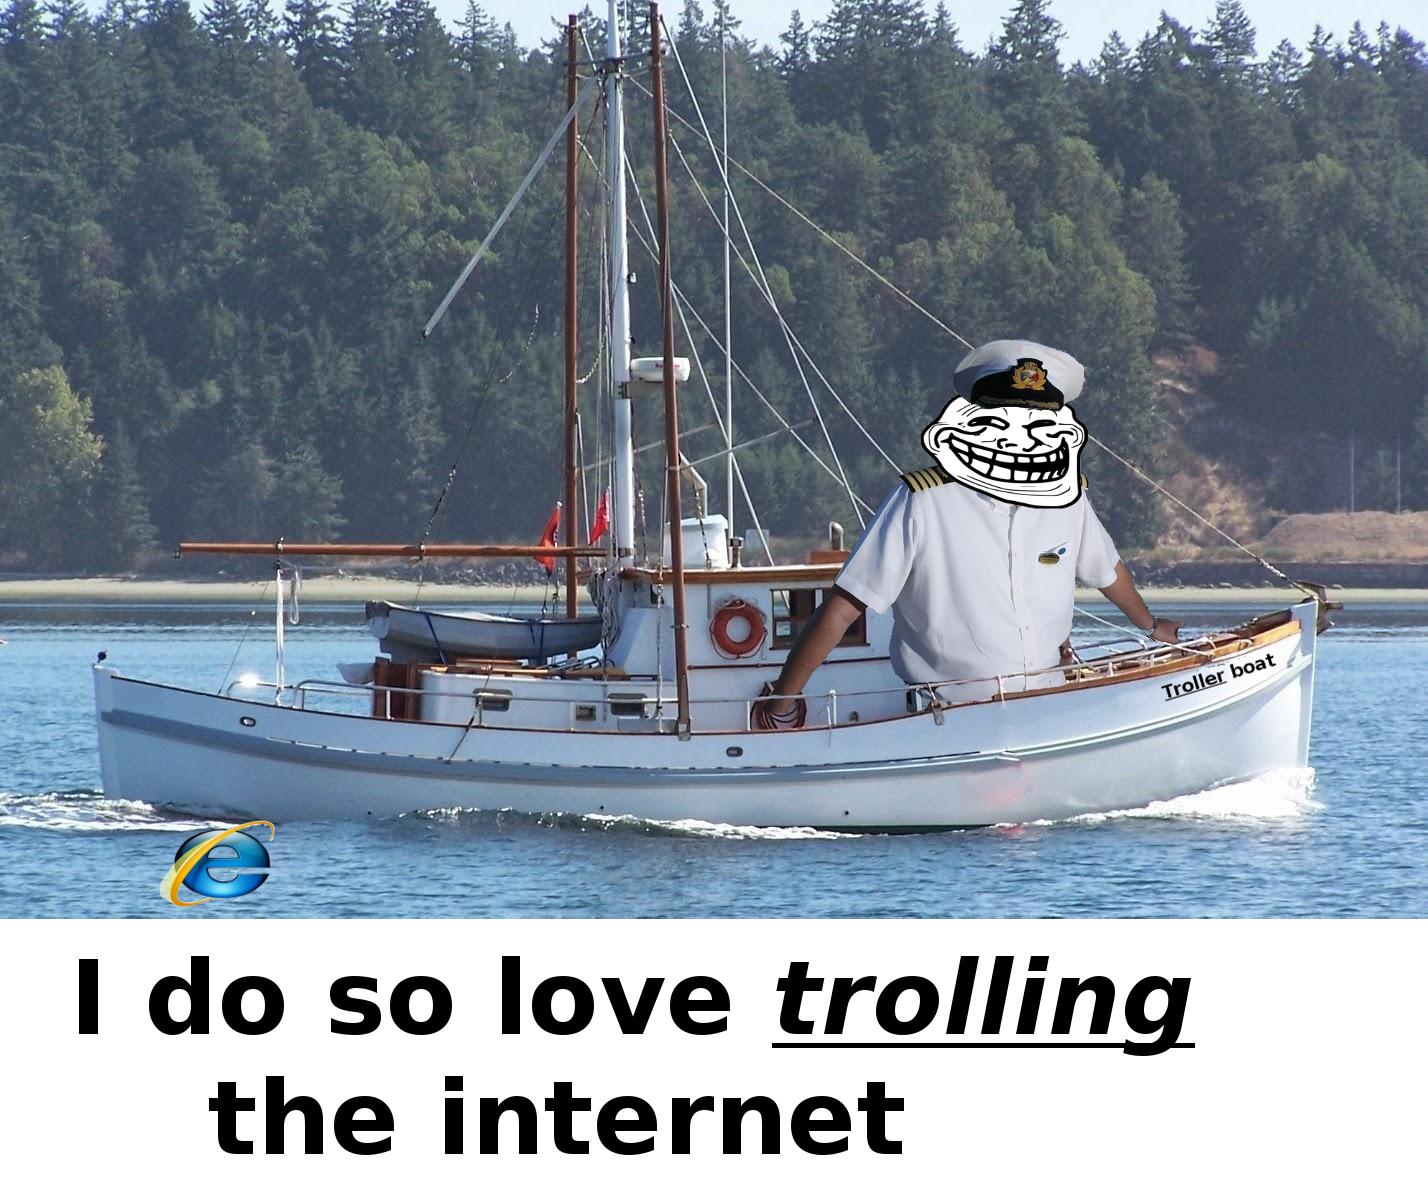 trollolololol